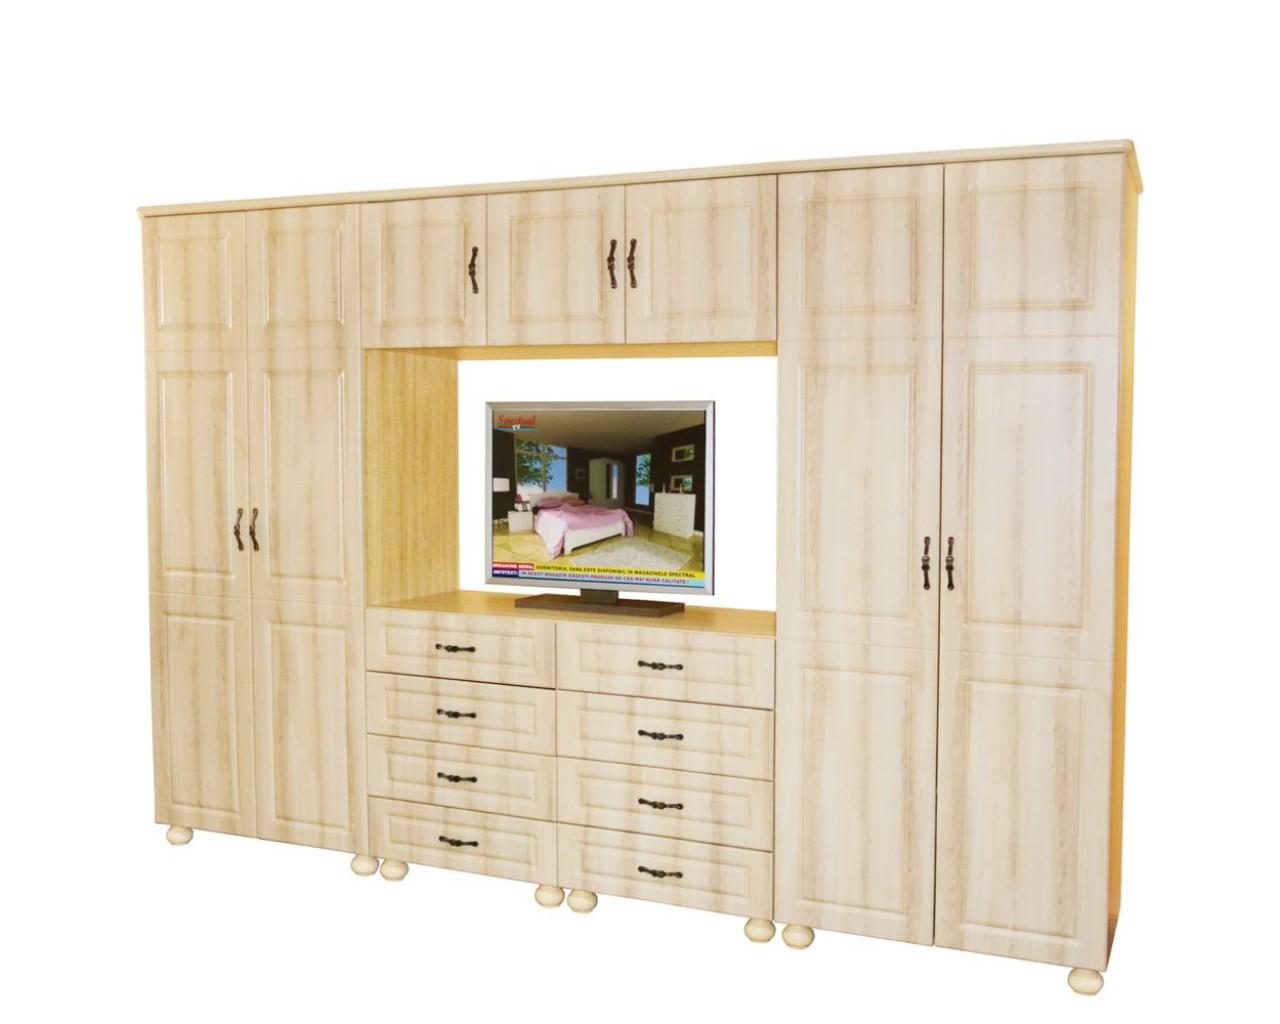 dulap-dynasty-sonoma-7-usi-si-8-sertare-cu-spatiu-pentru-televizor-1280×1024